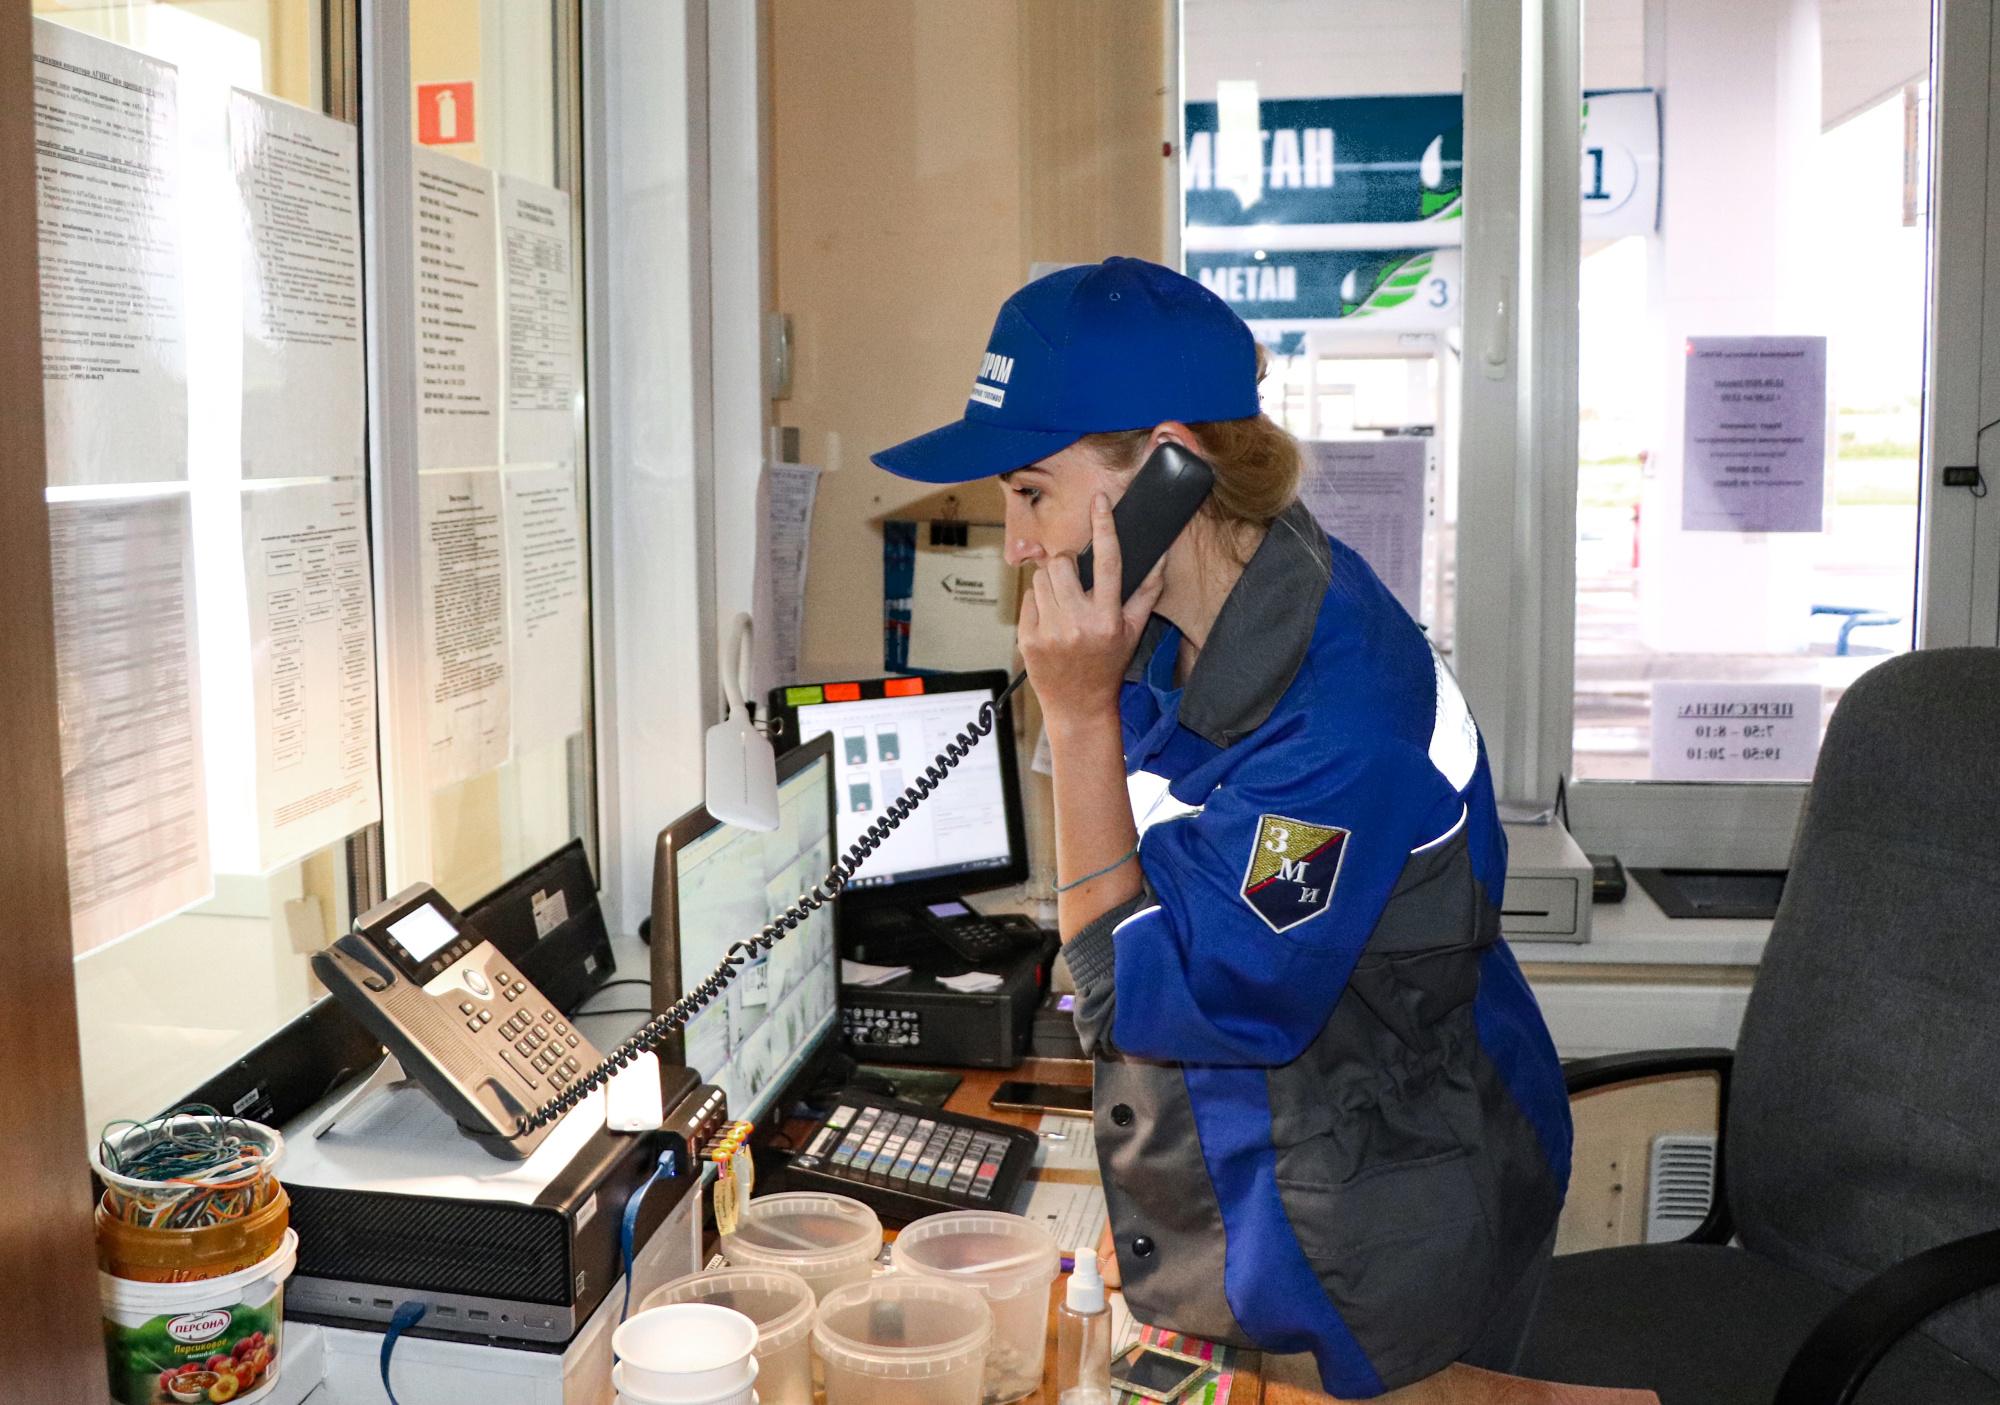 Персонал АЗС должен иметь средства связи с дежурными службами МЧС, незамедлительно уведомлять о каждой пожароопасной ситуации.